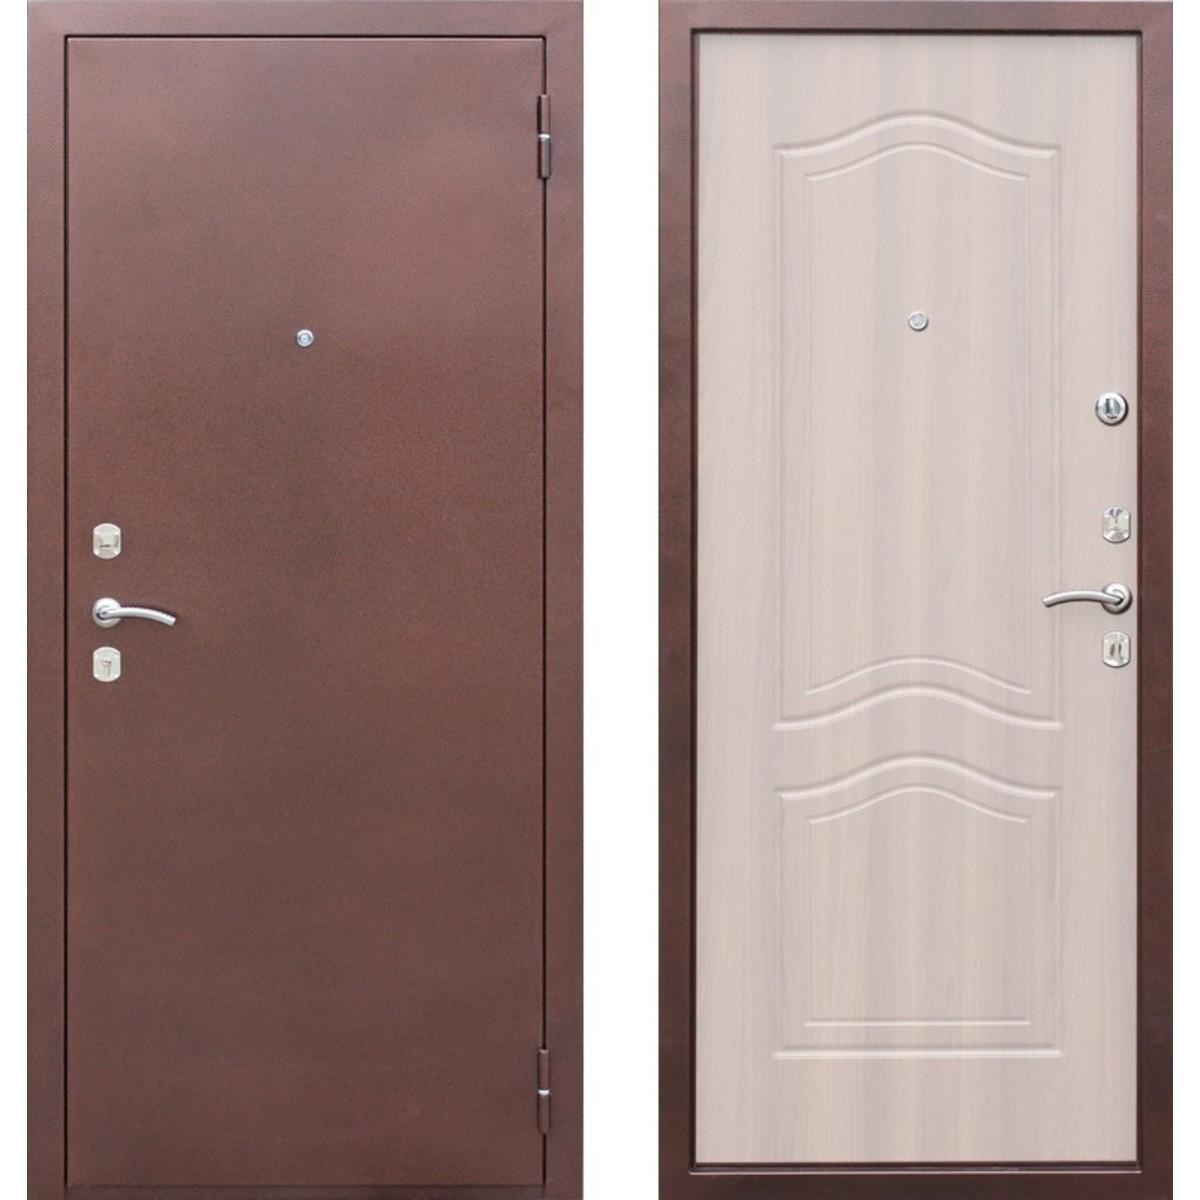 Дверь входная металлическая Гарда 1512 960 мм правая цвет белёный дуб